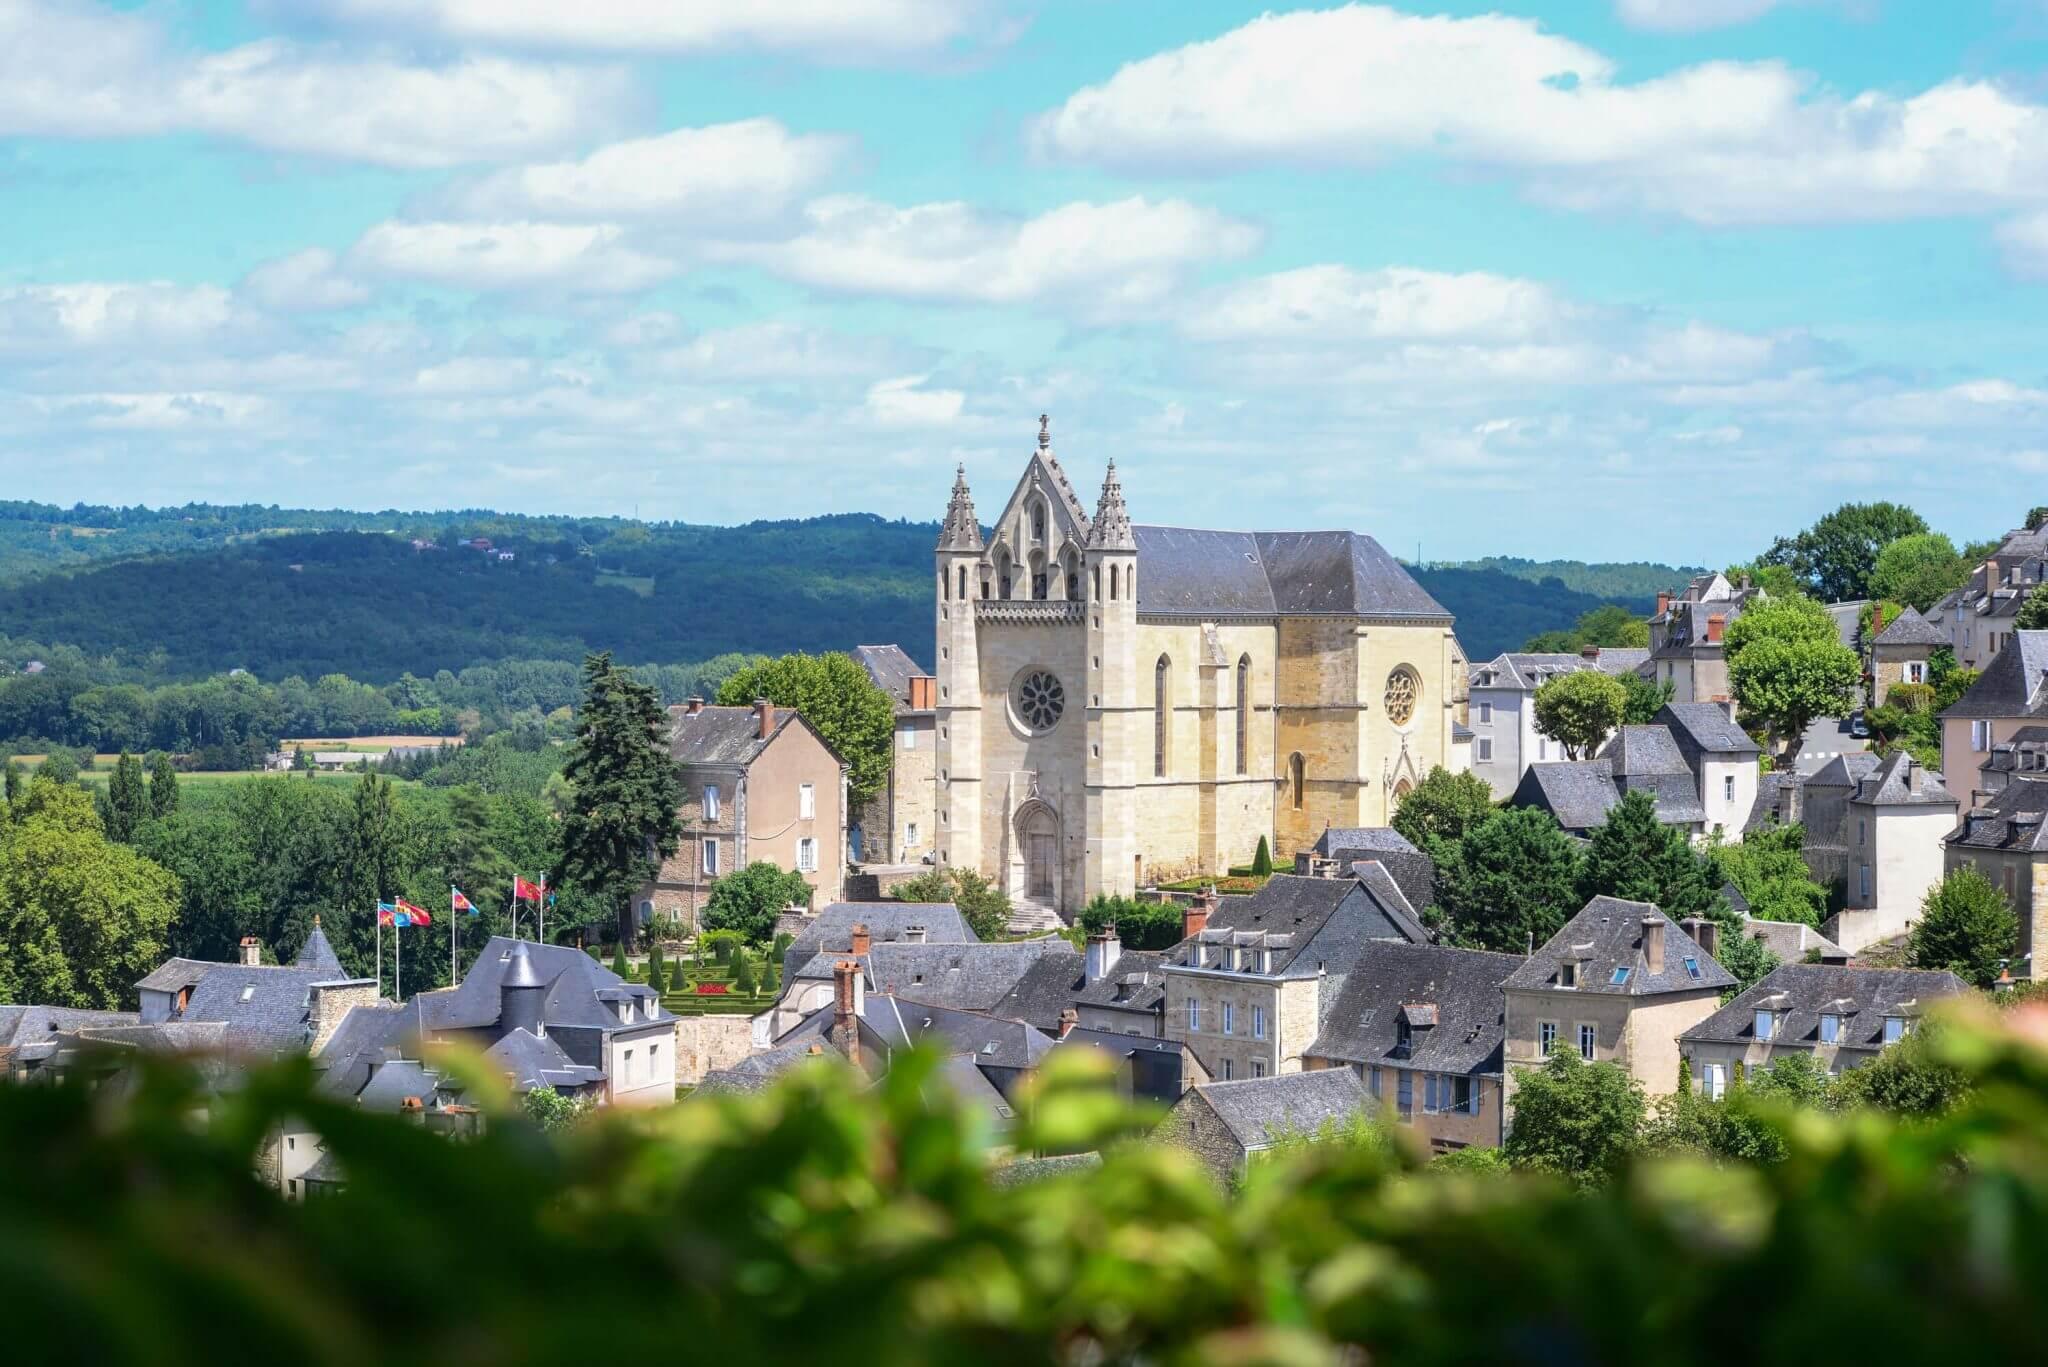 Vue sur la vieille ville de Terrasson-Lavilledieu